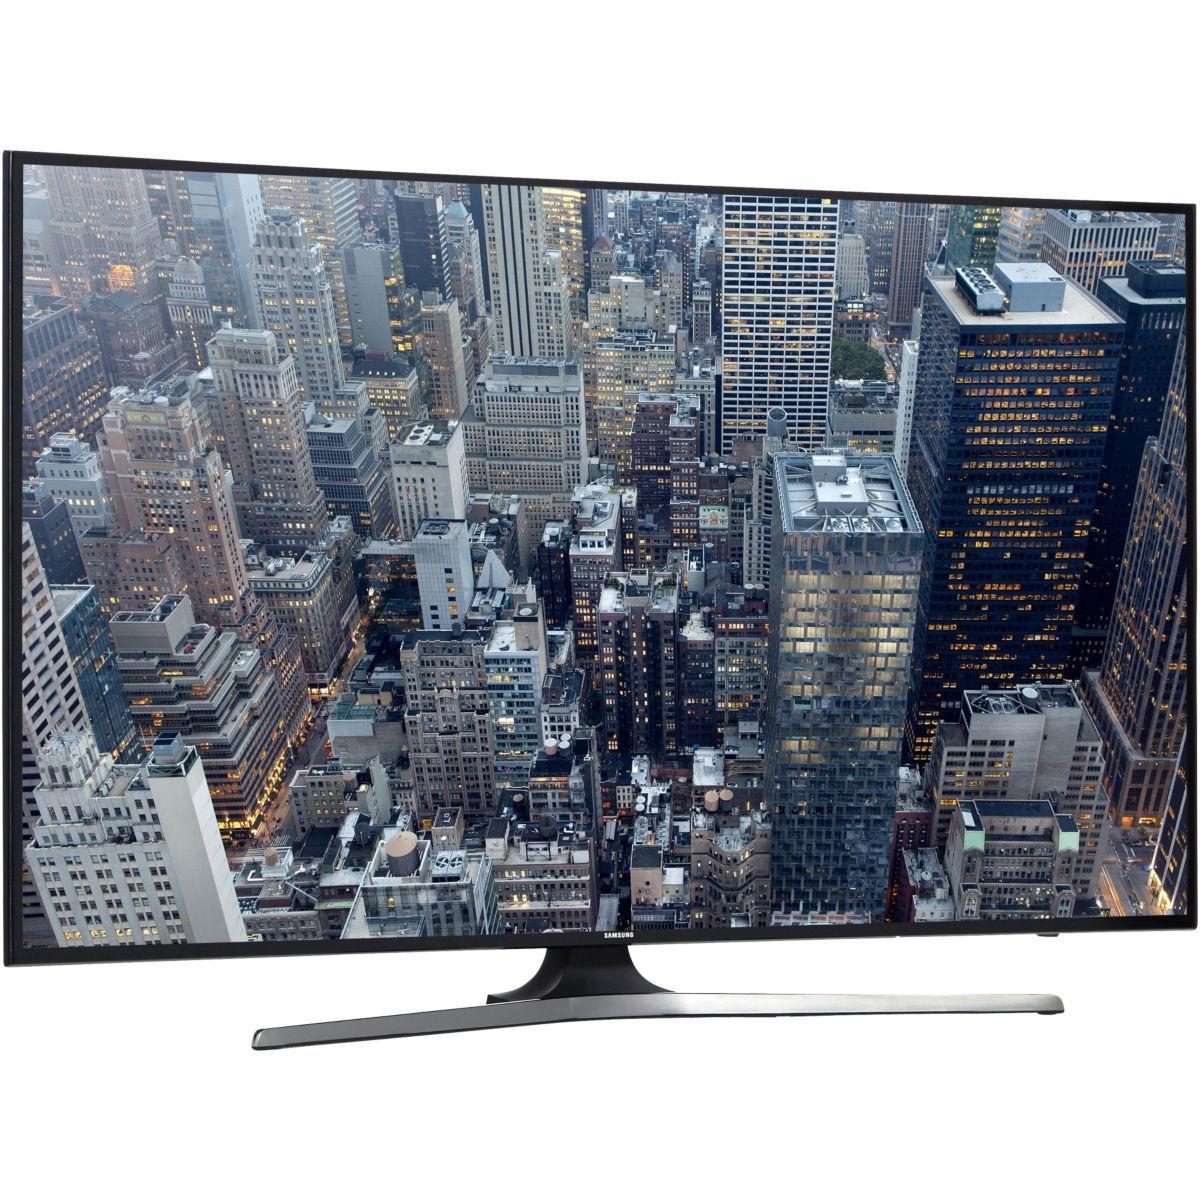 TV SAMSUNG UE55JU6670 1200 PQI 4K INCURV